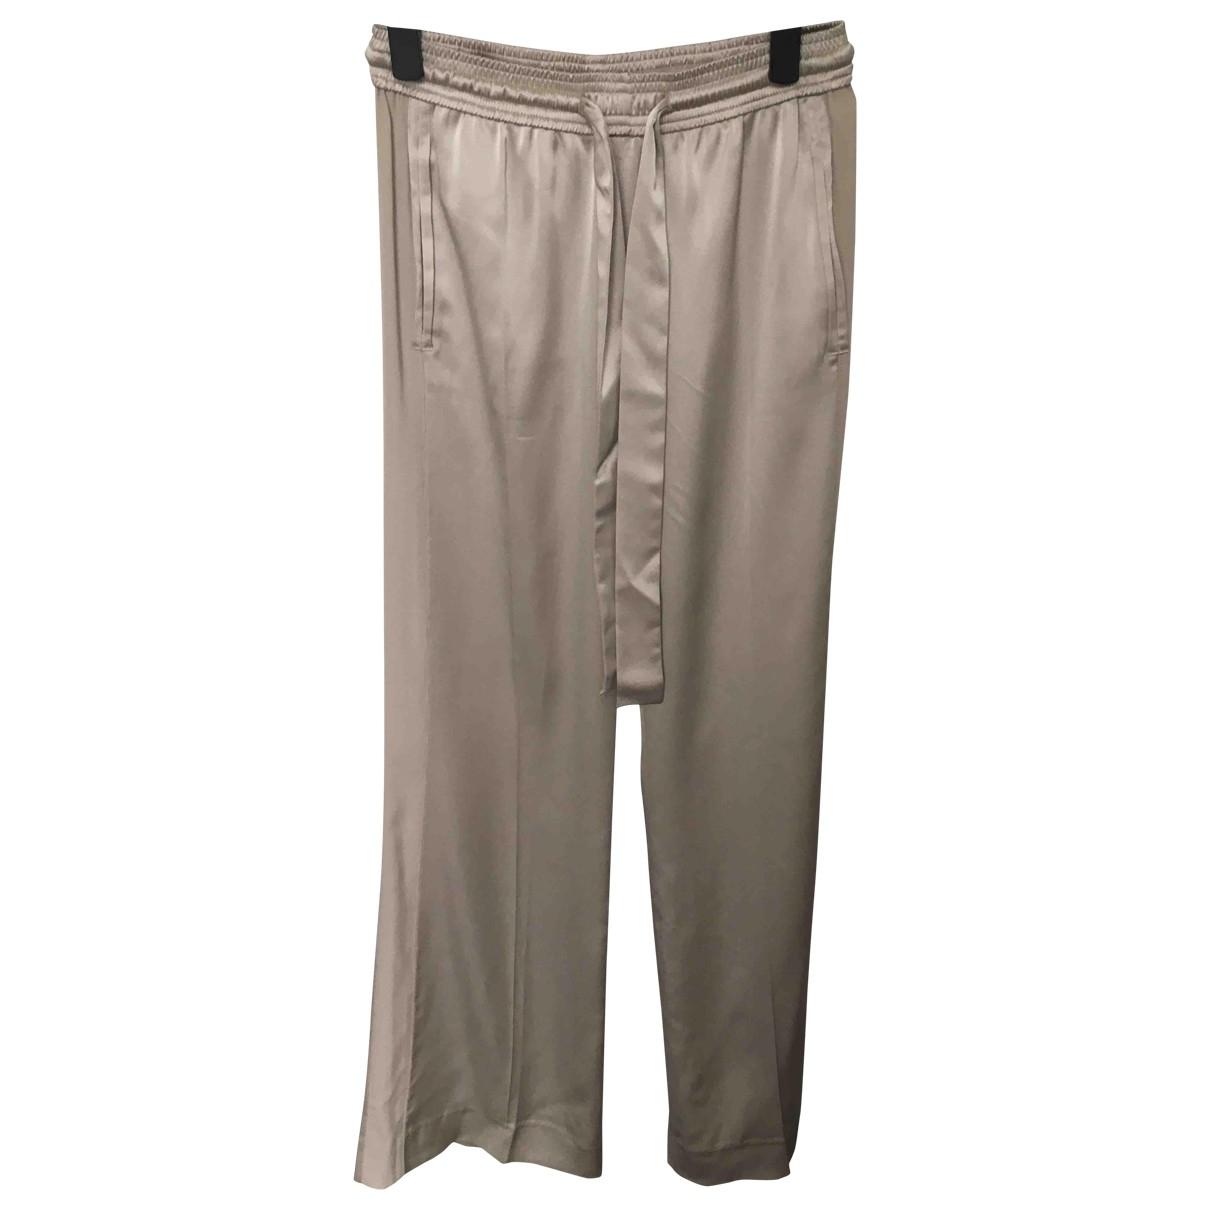 Pantalon recto Dorothee Schumacher